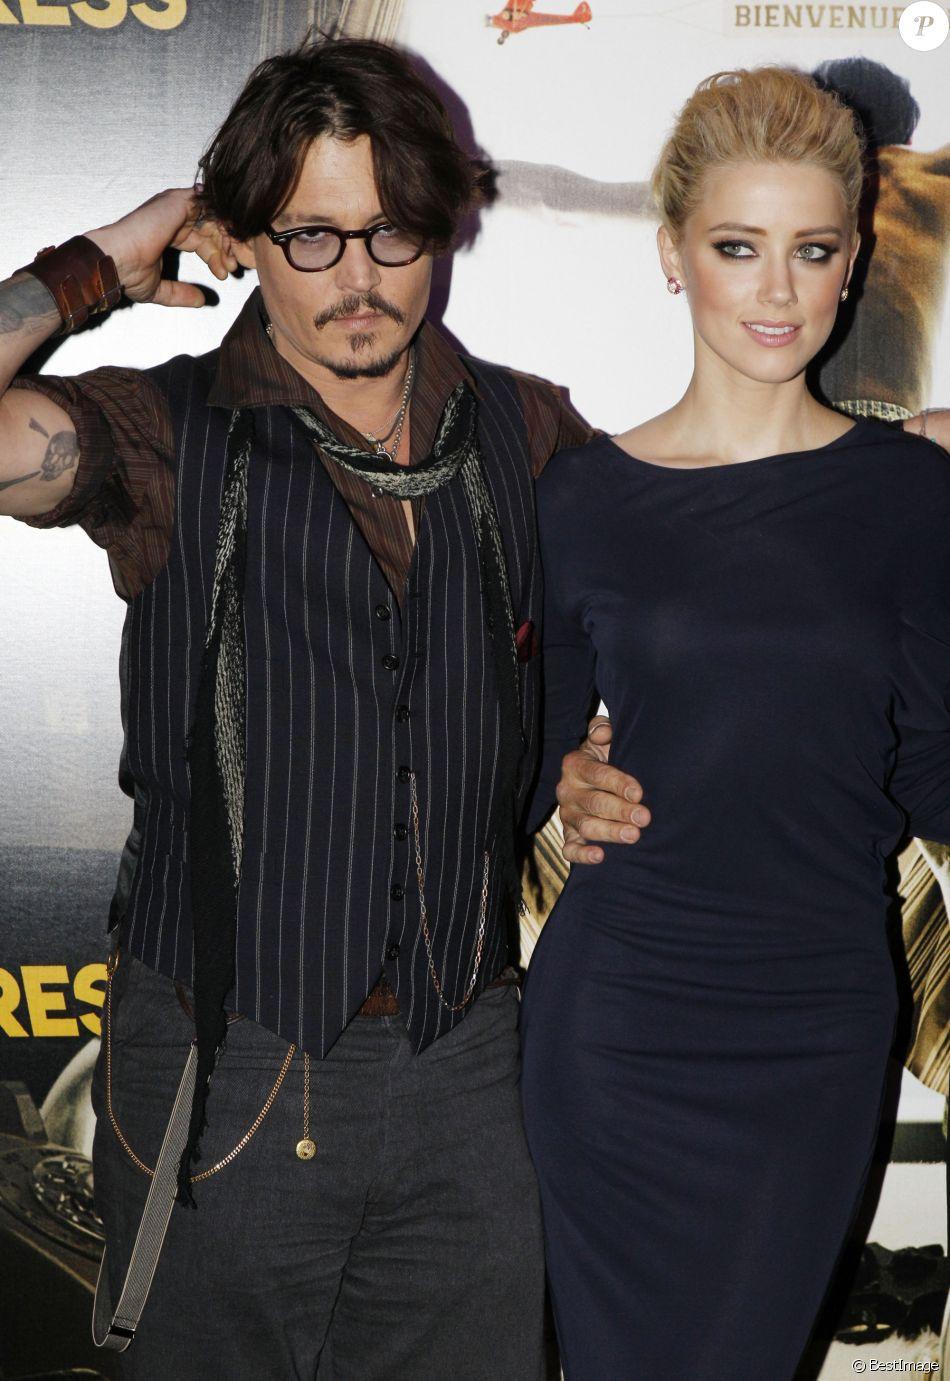 Johnny Depp et Amber Heard - Avant-première du film Rhum Express en 2011 à Paris